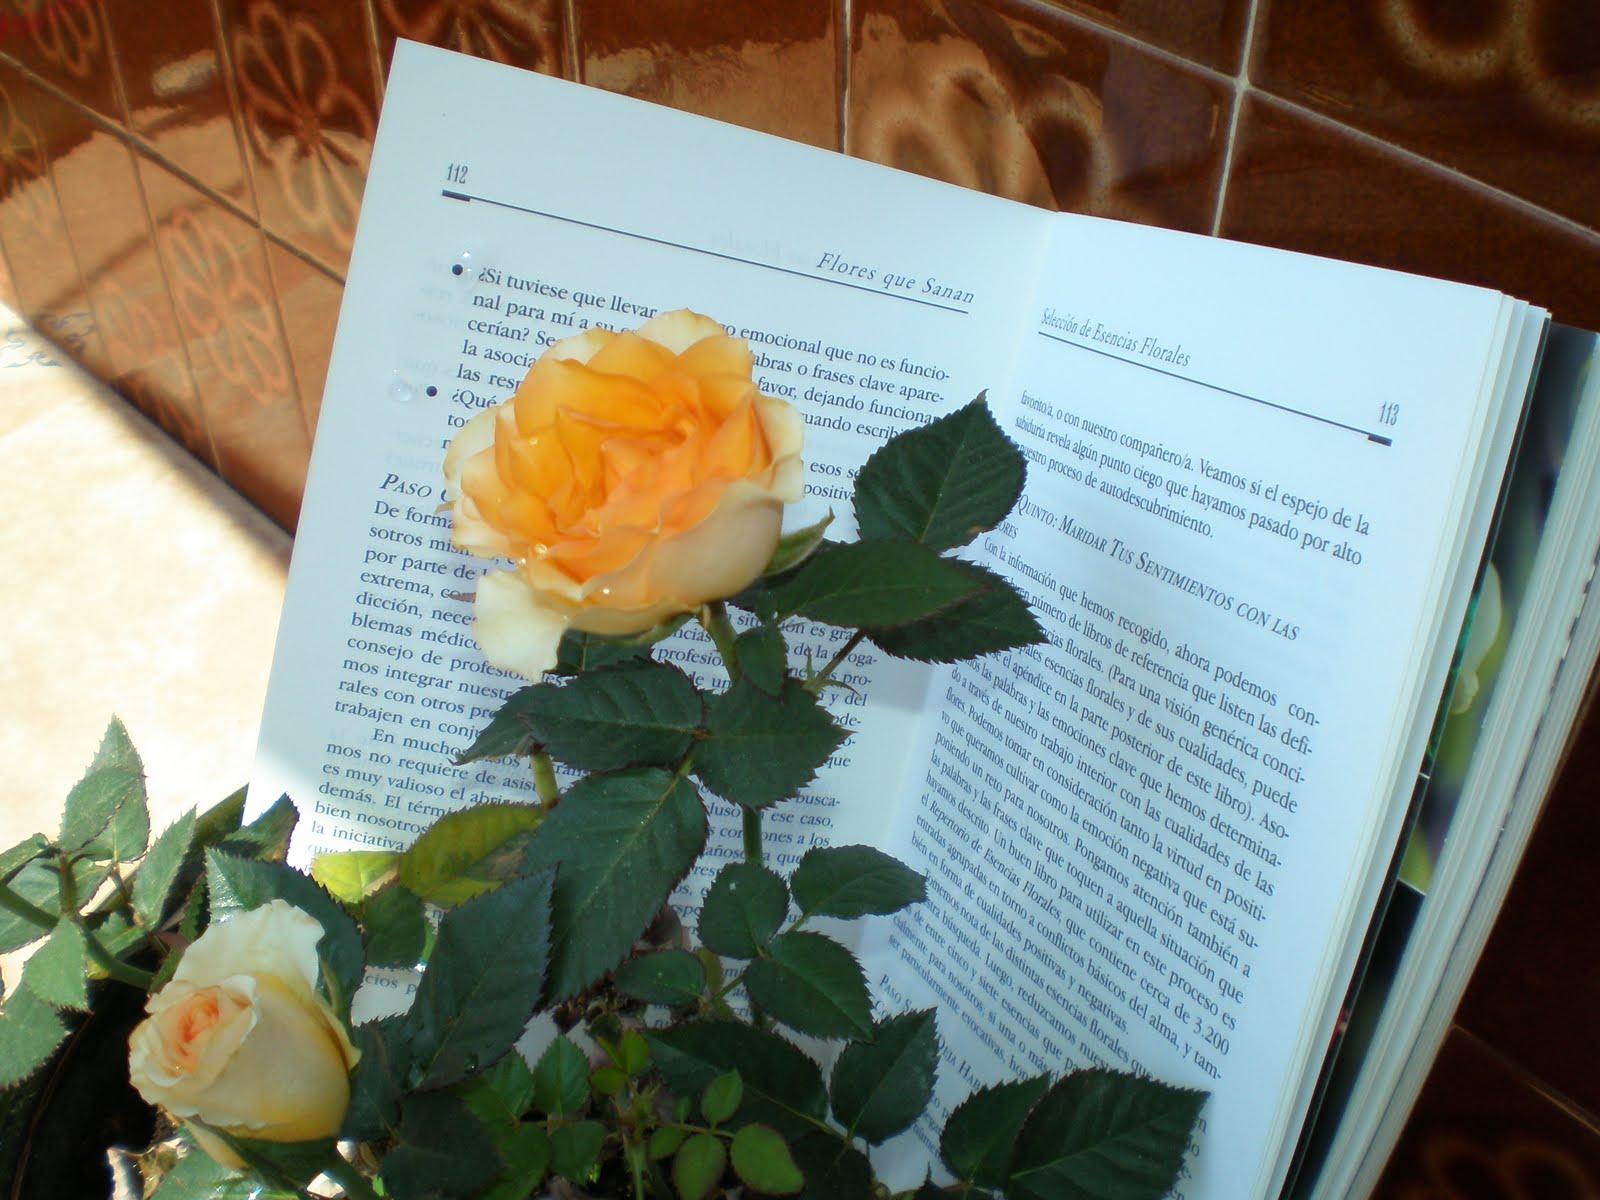 Bienvenidos al nuevo foro de apoyo a Noe #247 / 21.04.15 ~ 23.04.15 - Página 39 D%C3%8DA+DEL+LIBRO+009